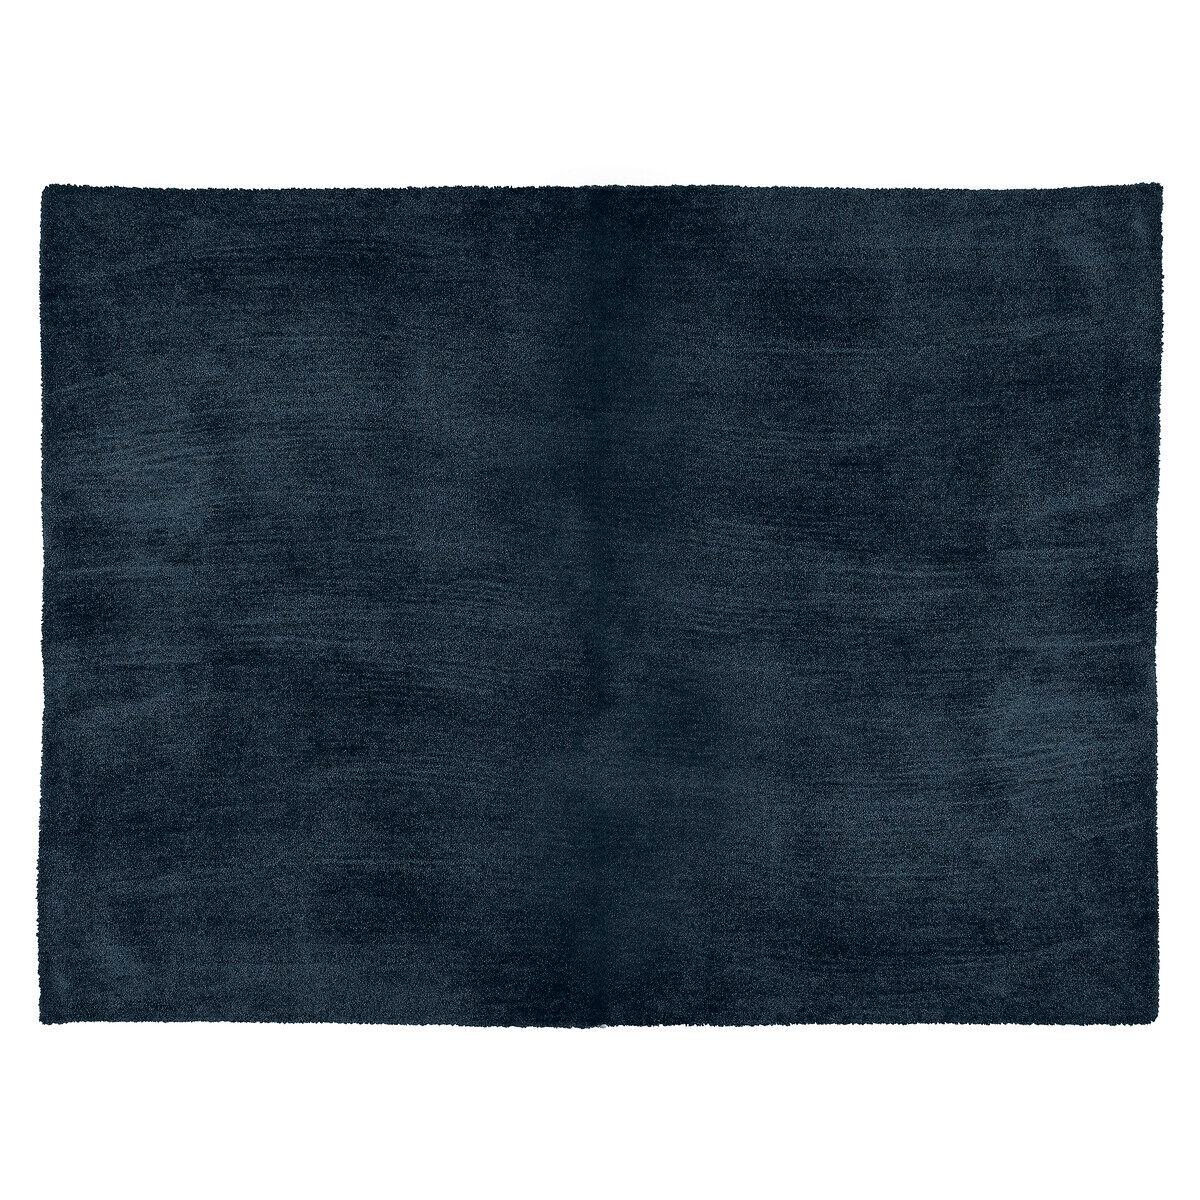 """Atmosphera Tapis reflet """"Joanne"""", bleu encre 120x170 cm"""